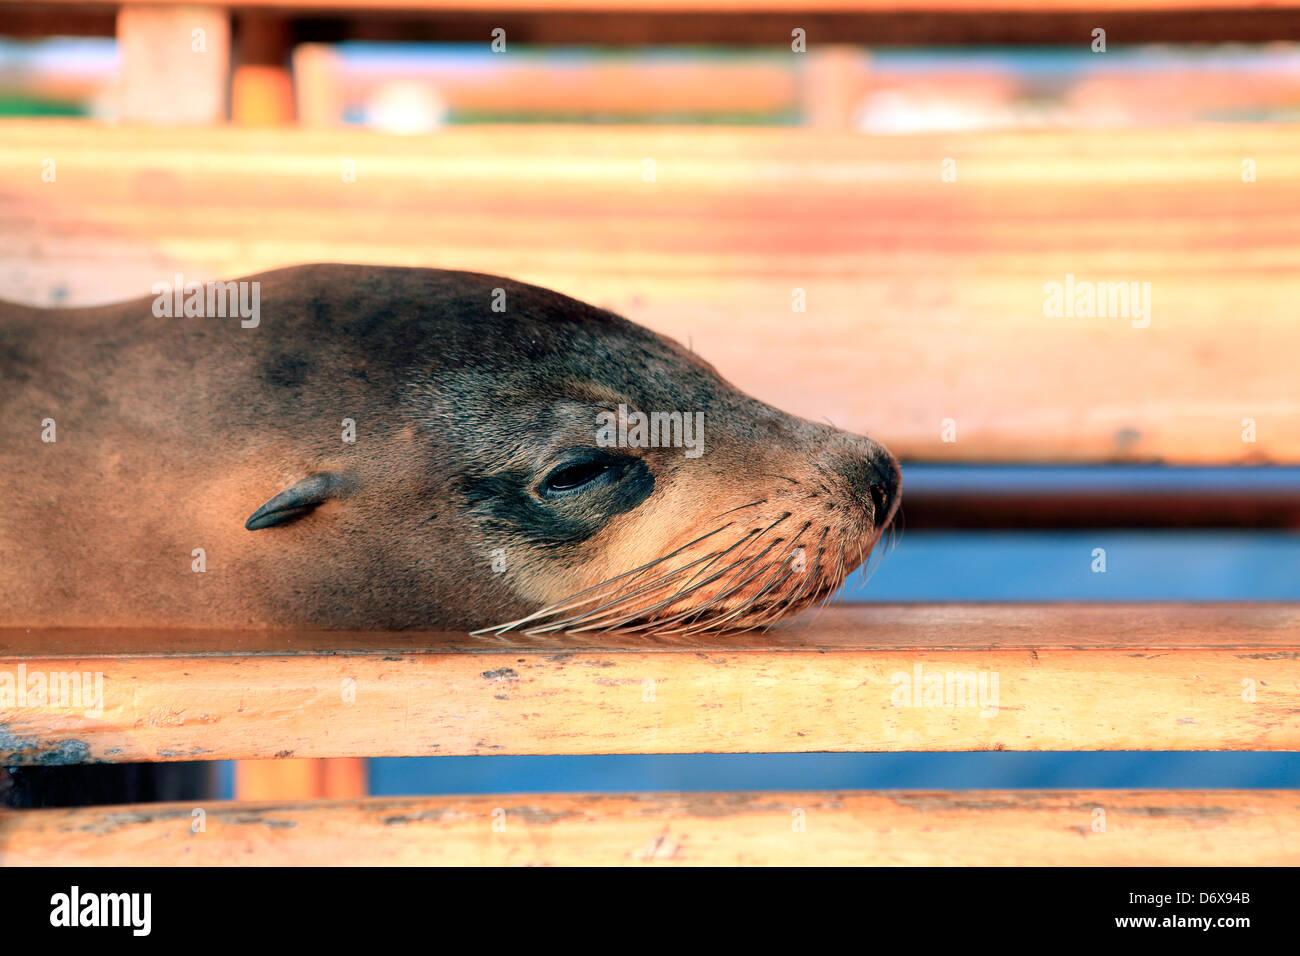 Sea Lion paresseux reposant sur les banc en bois siège dans les îles Galapagos Photo Stock